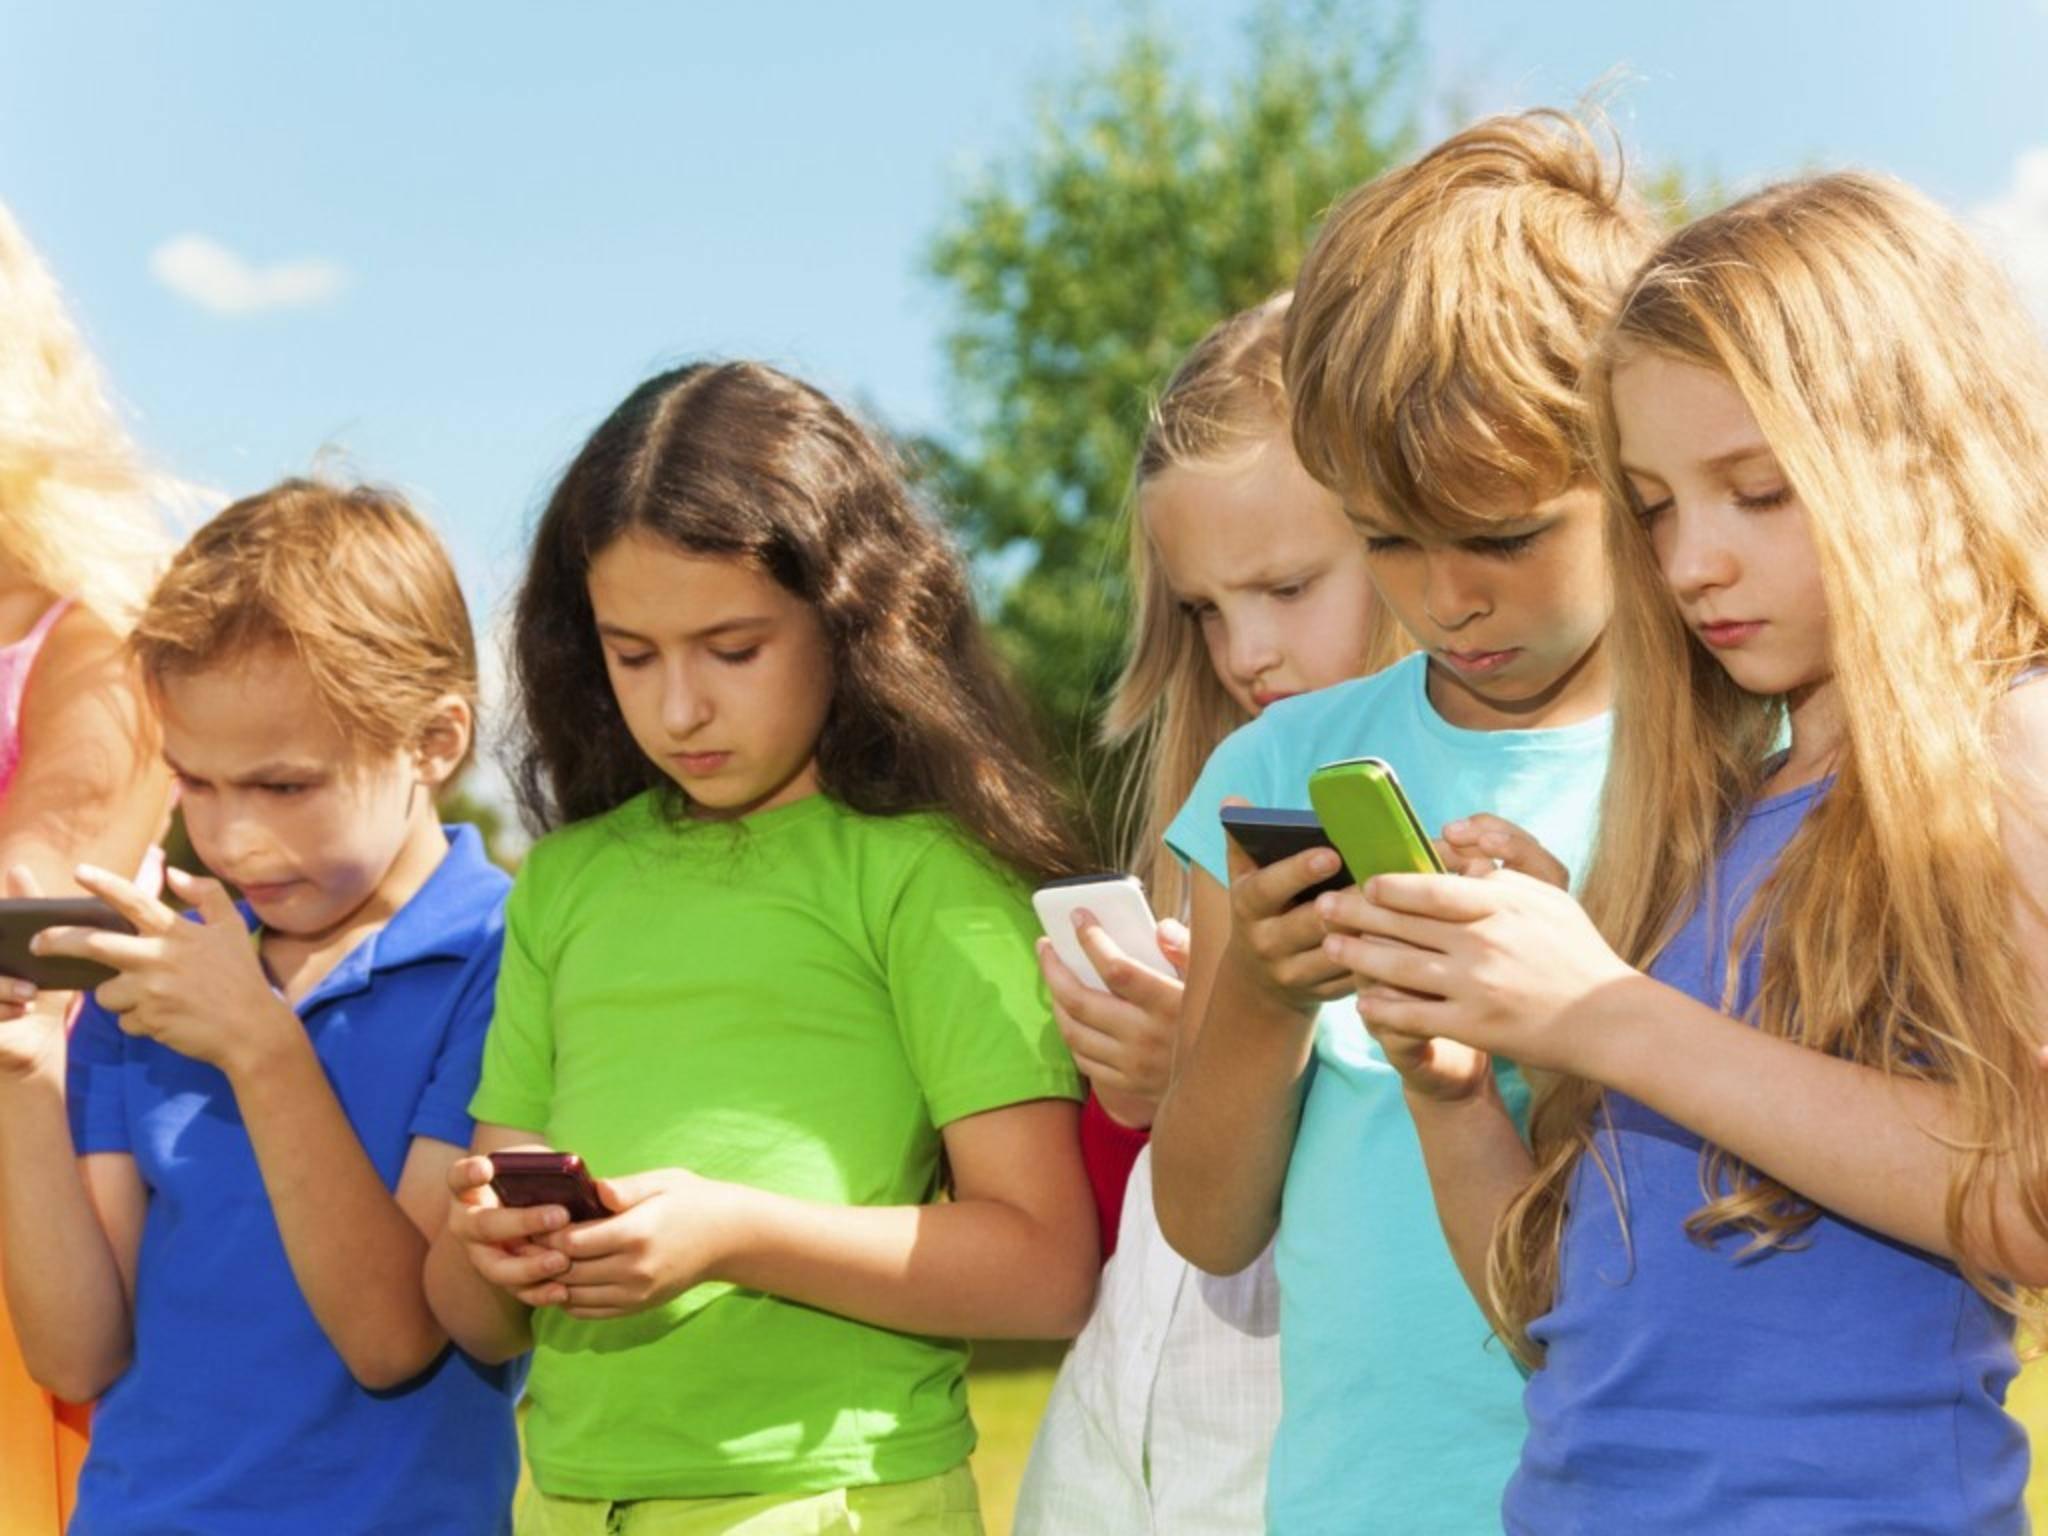 Ein Smartphone sollten Kinder erst ab einem Alter von etwa 12 Jahren benutzen.